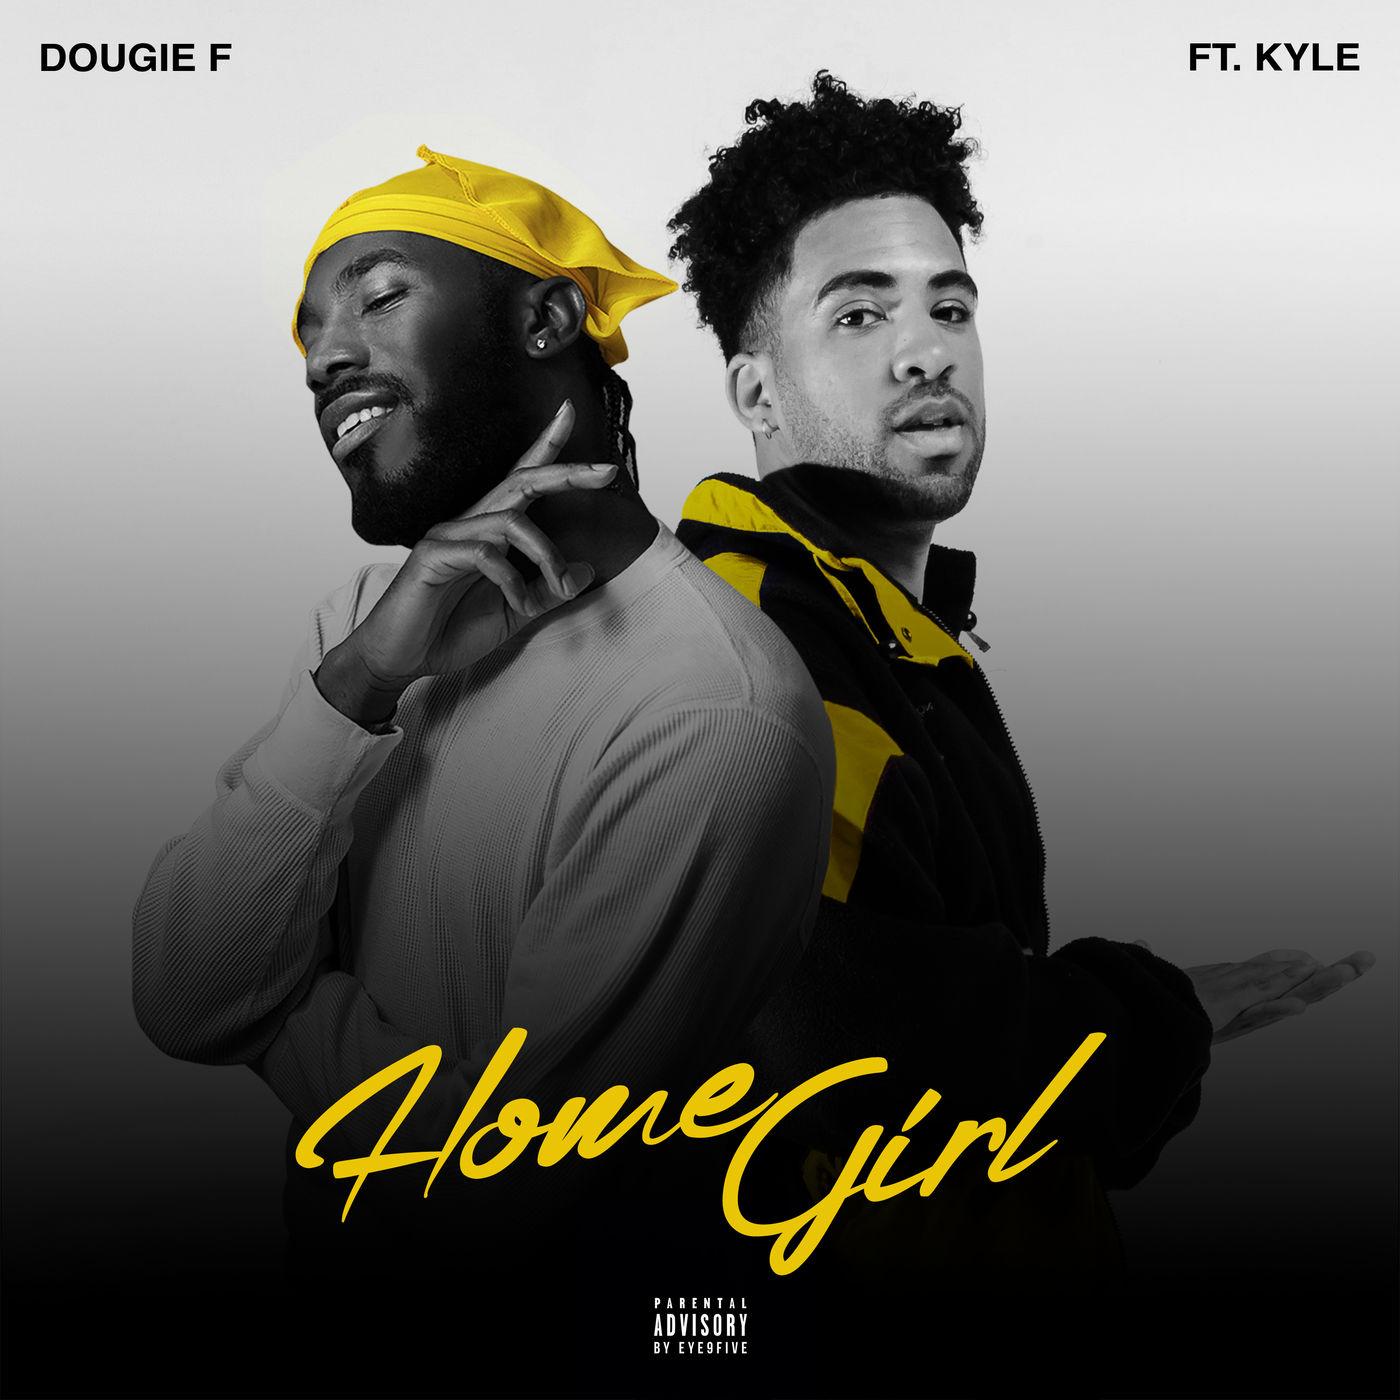 Dougie F - Homegirl (feat. Kyle) - Single Cover